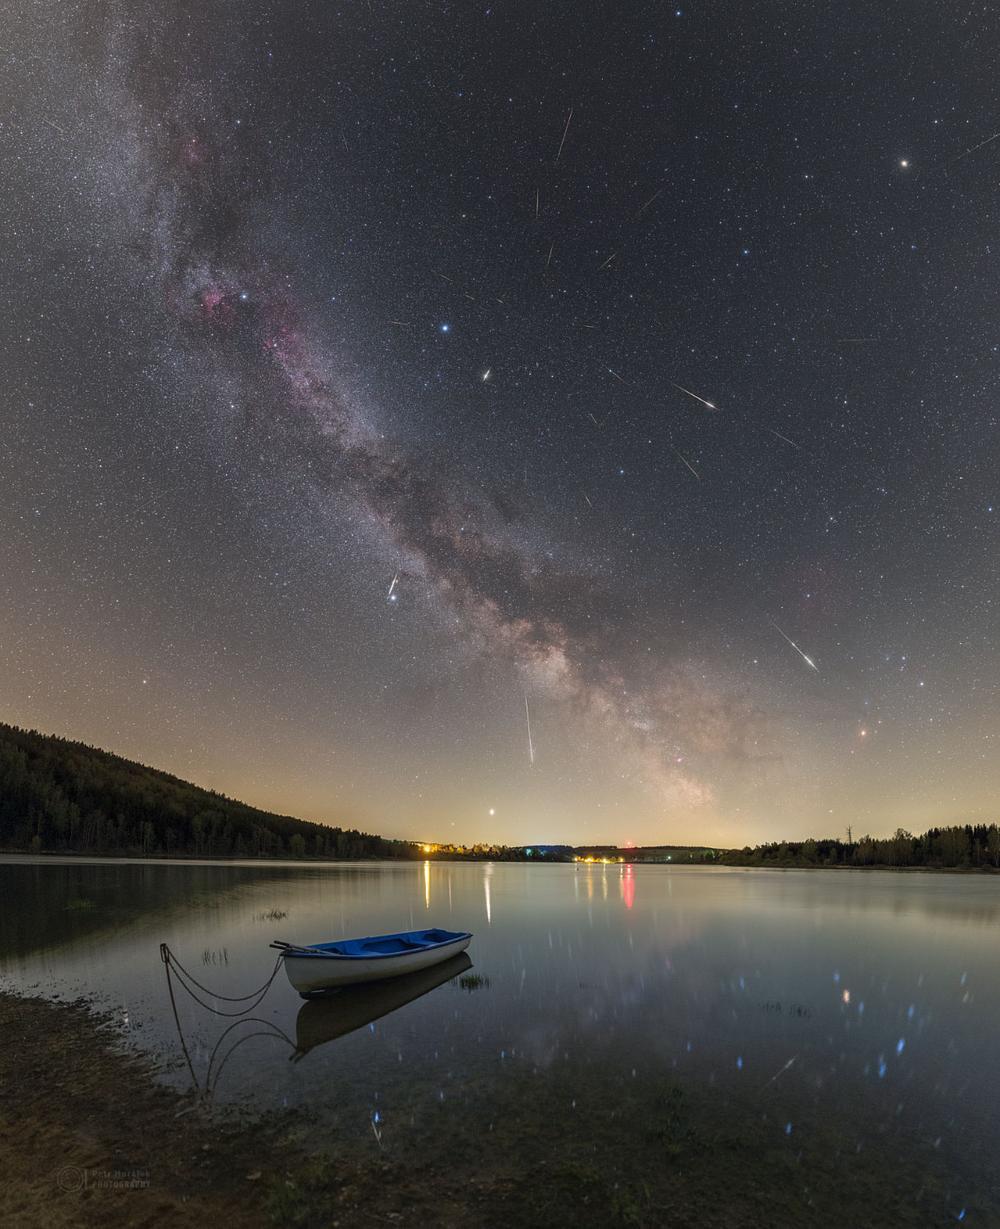 Mưa sao băng, siêu Trăng Hồng và loạt hiện tượng thiên văn kỳ thú sẽ xuất hiện tại Việt Nam tháng 4 Ảnh 3